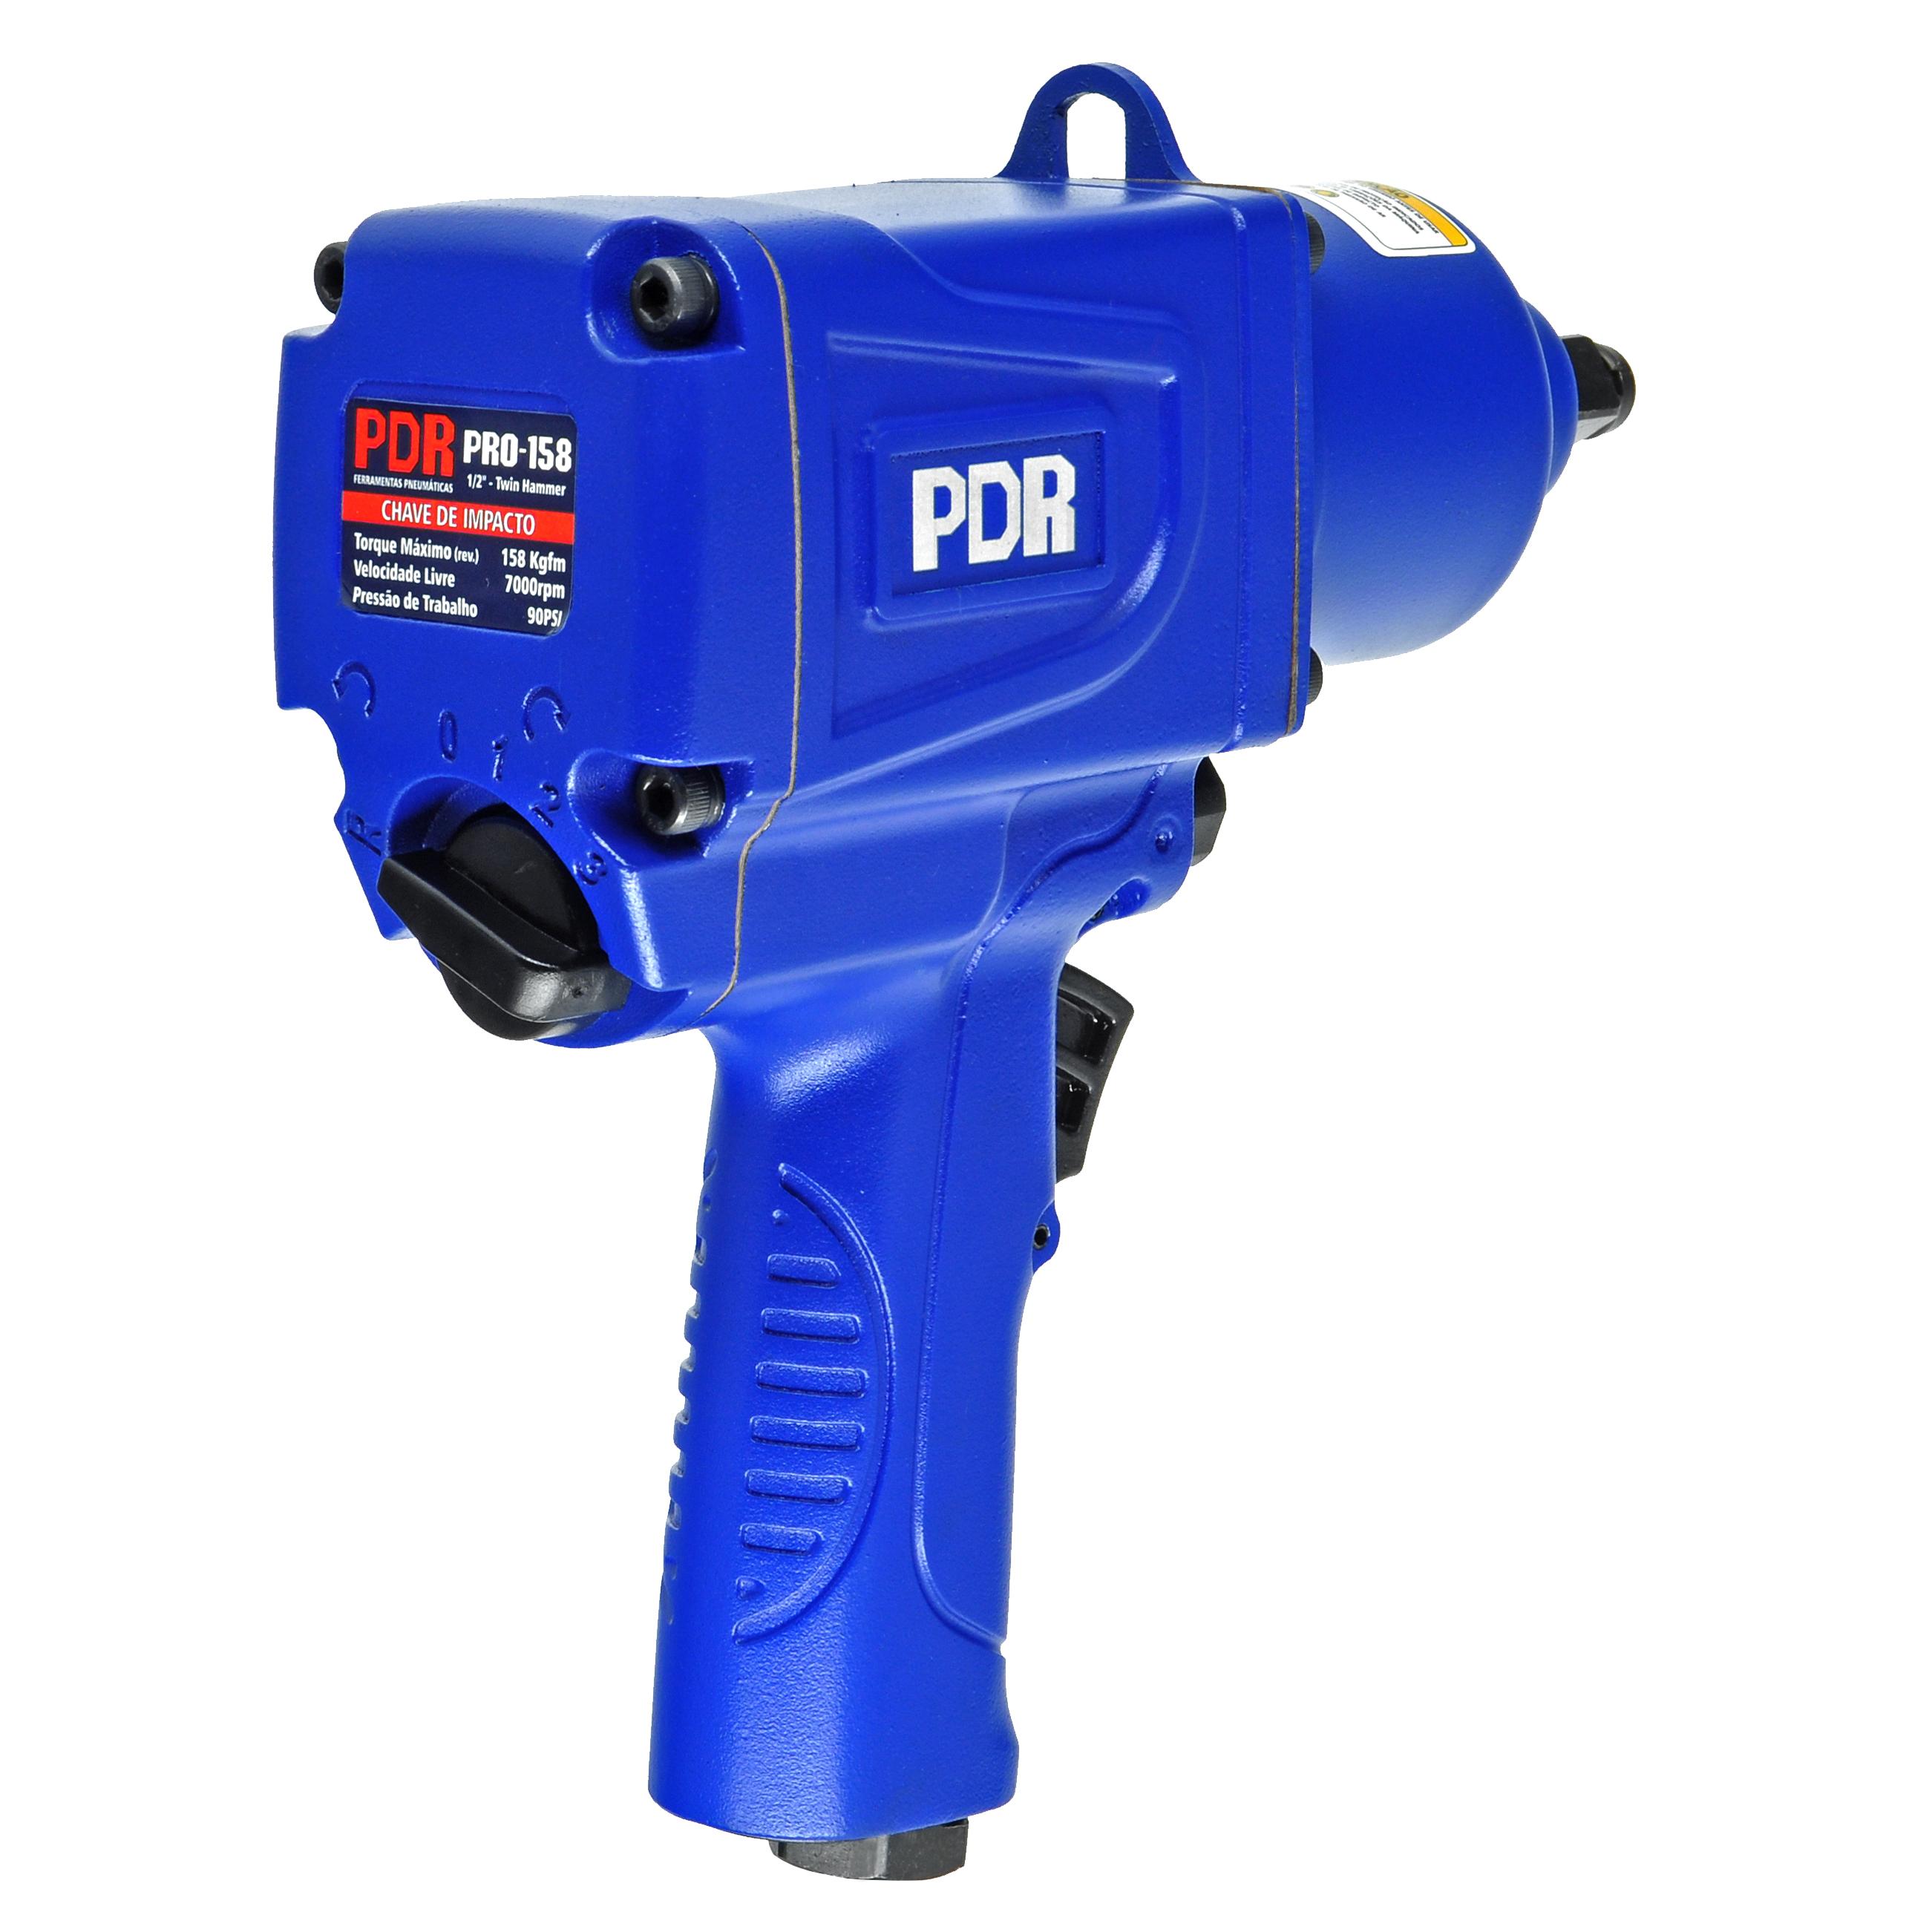 Chave de Impacto PRO-158